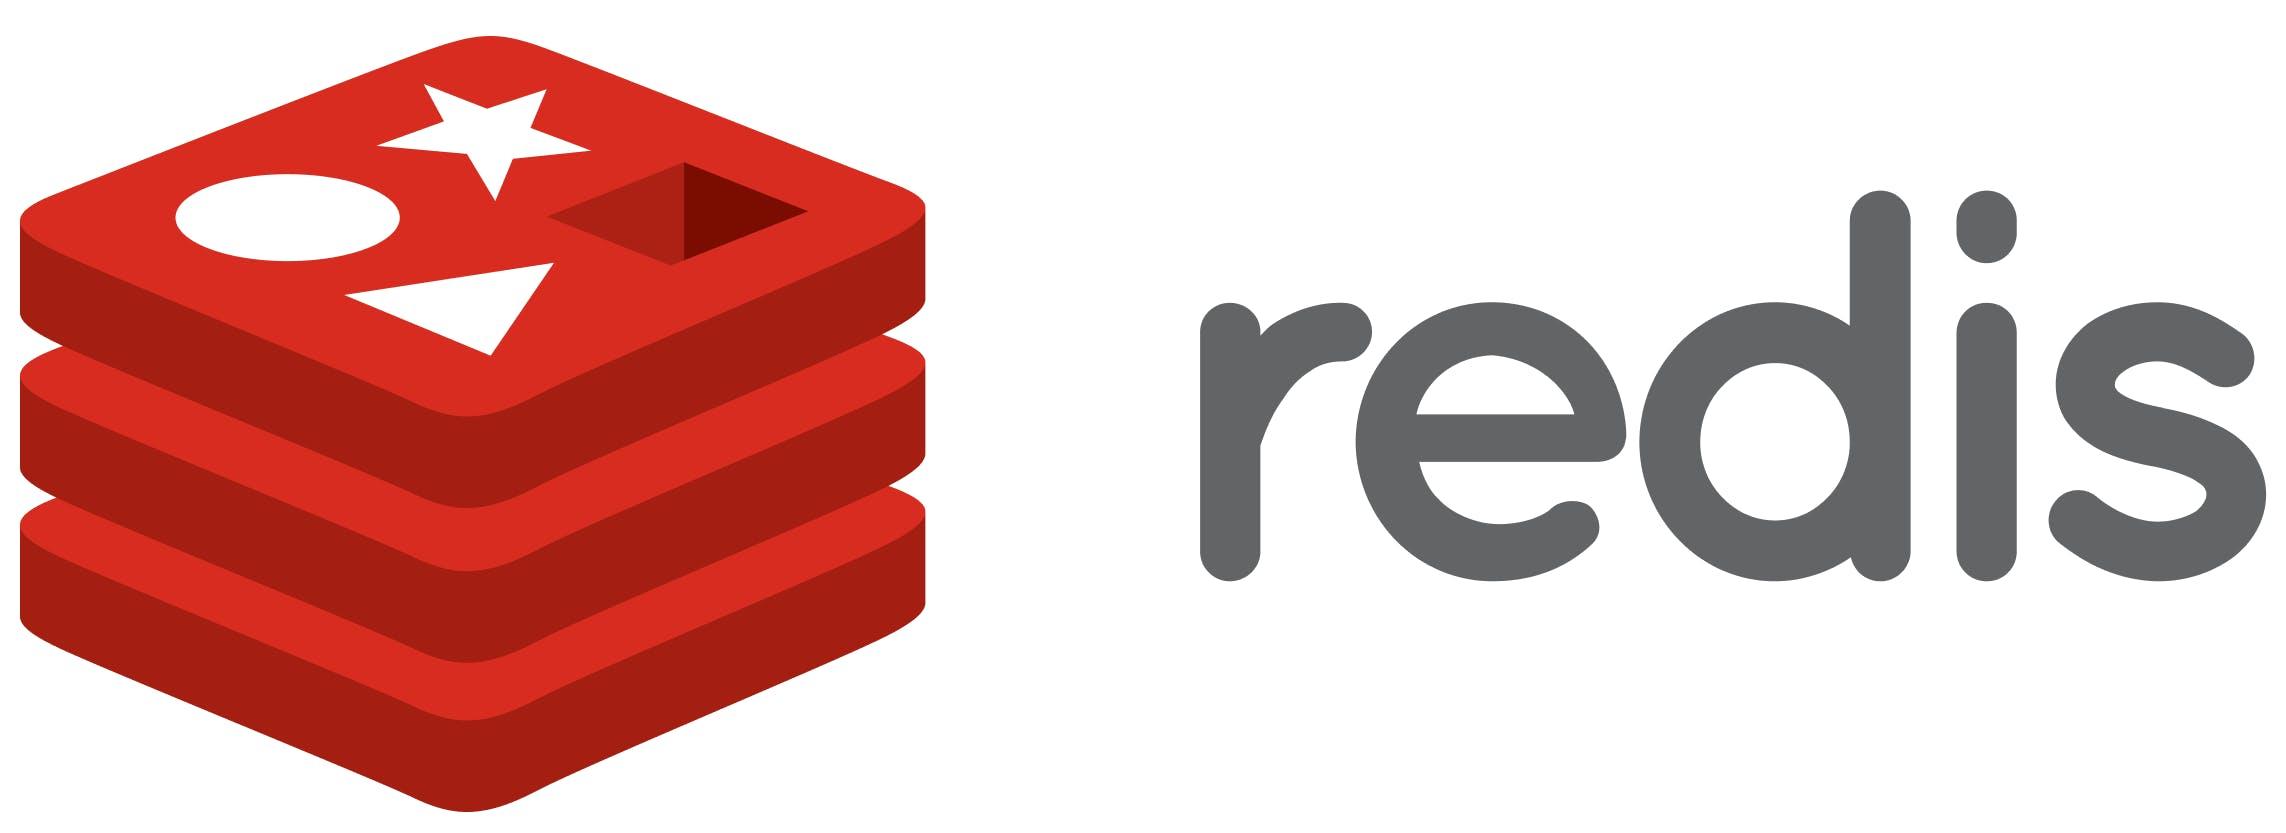 redis-logo-cropped.png